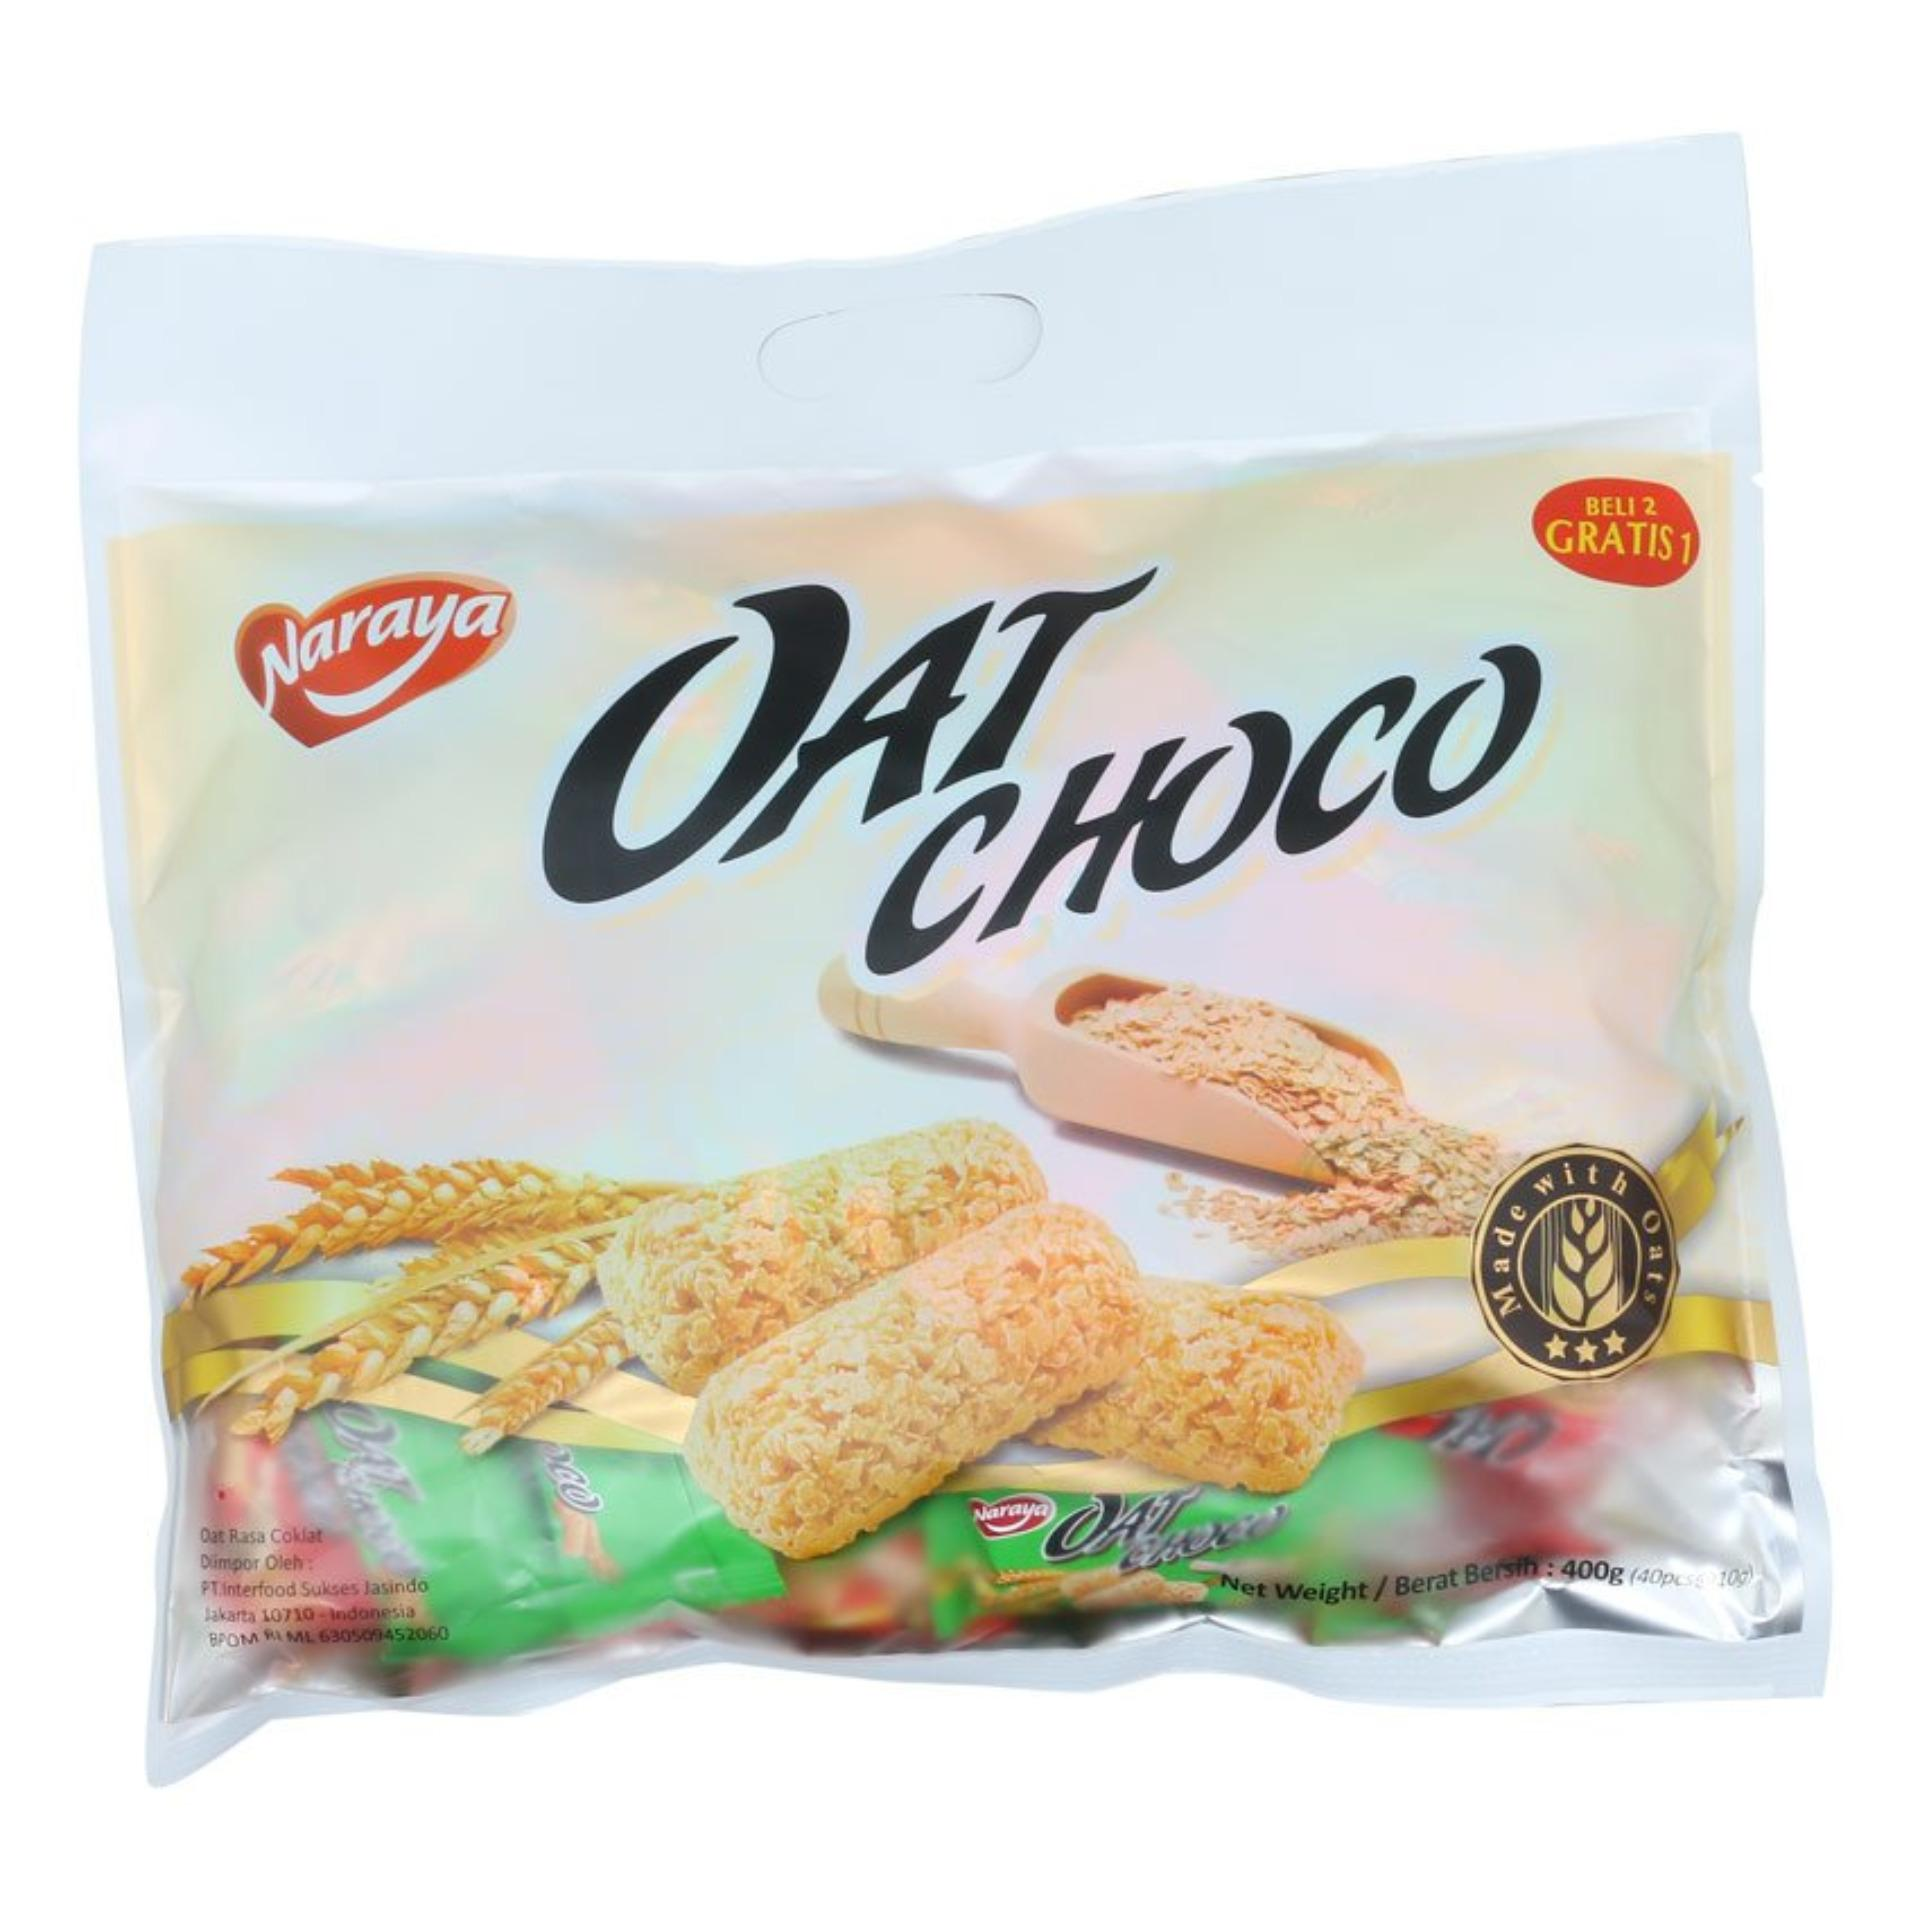 Ch.store naraya oat choco vanila 400 Gram - BISA COD